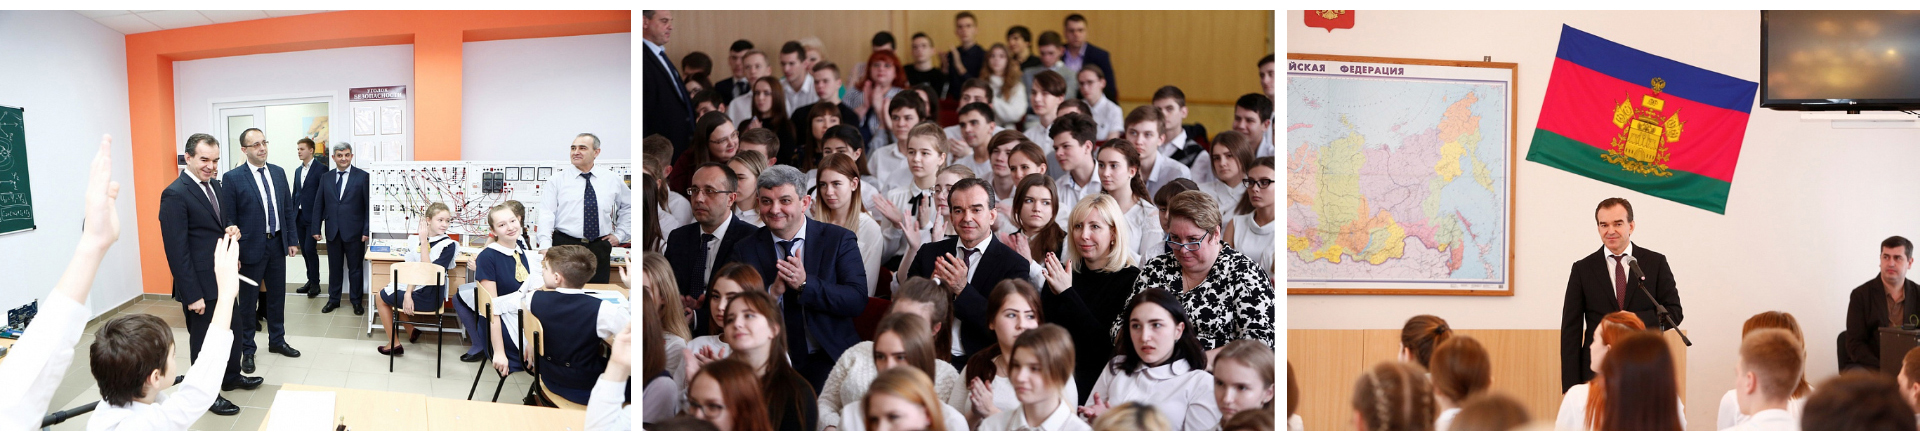 губернатор посещение колледжа